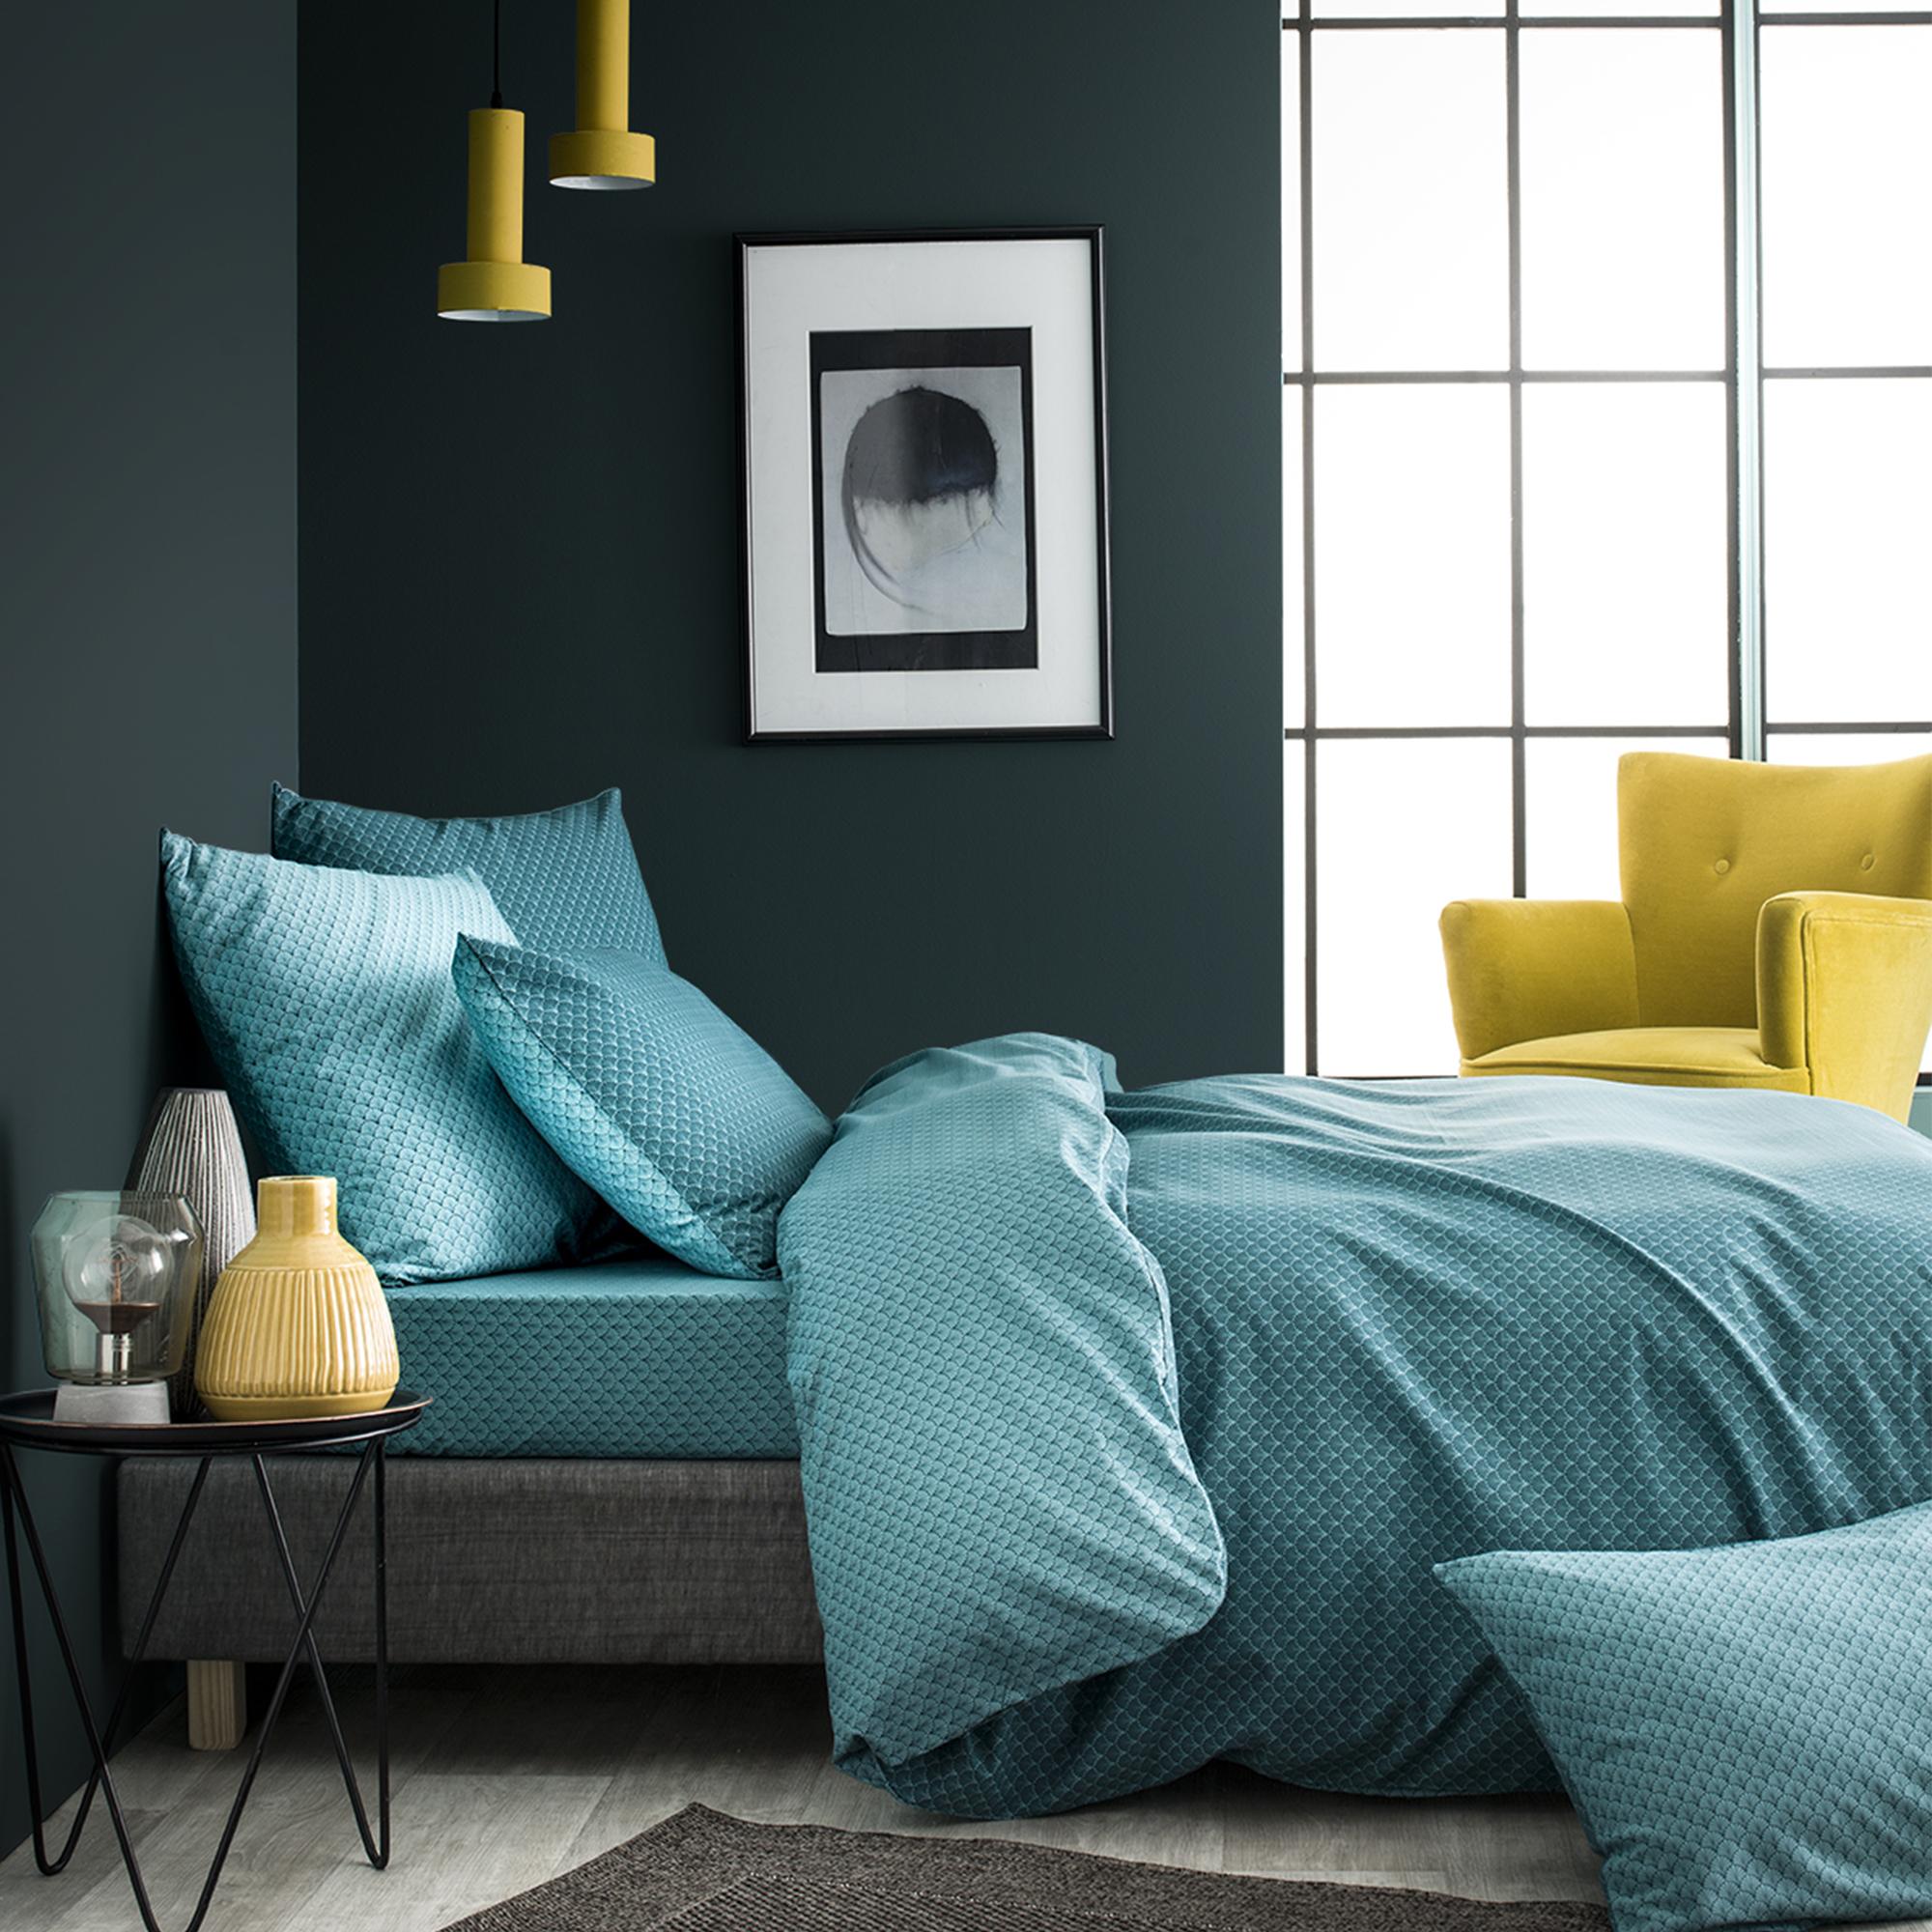 Parure de lit imprimée en bambou vert émeraude 220x240